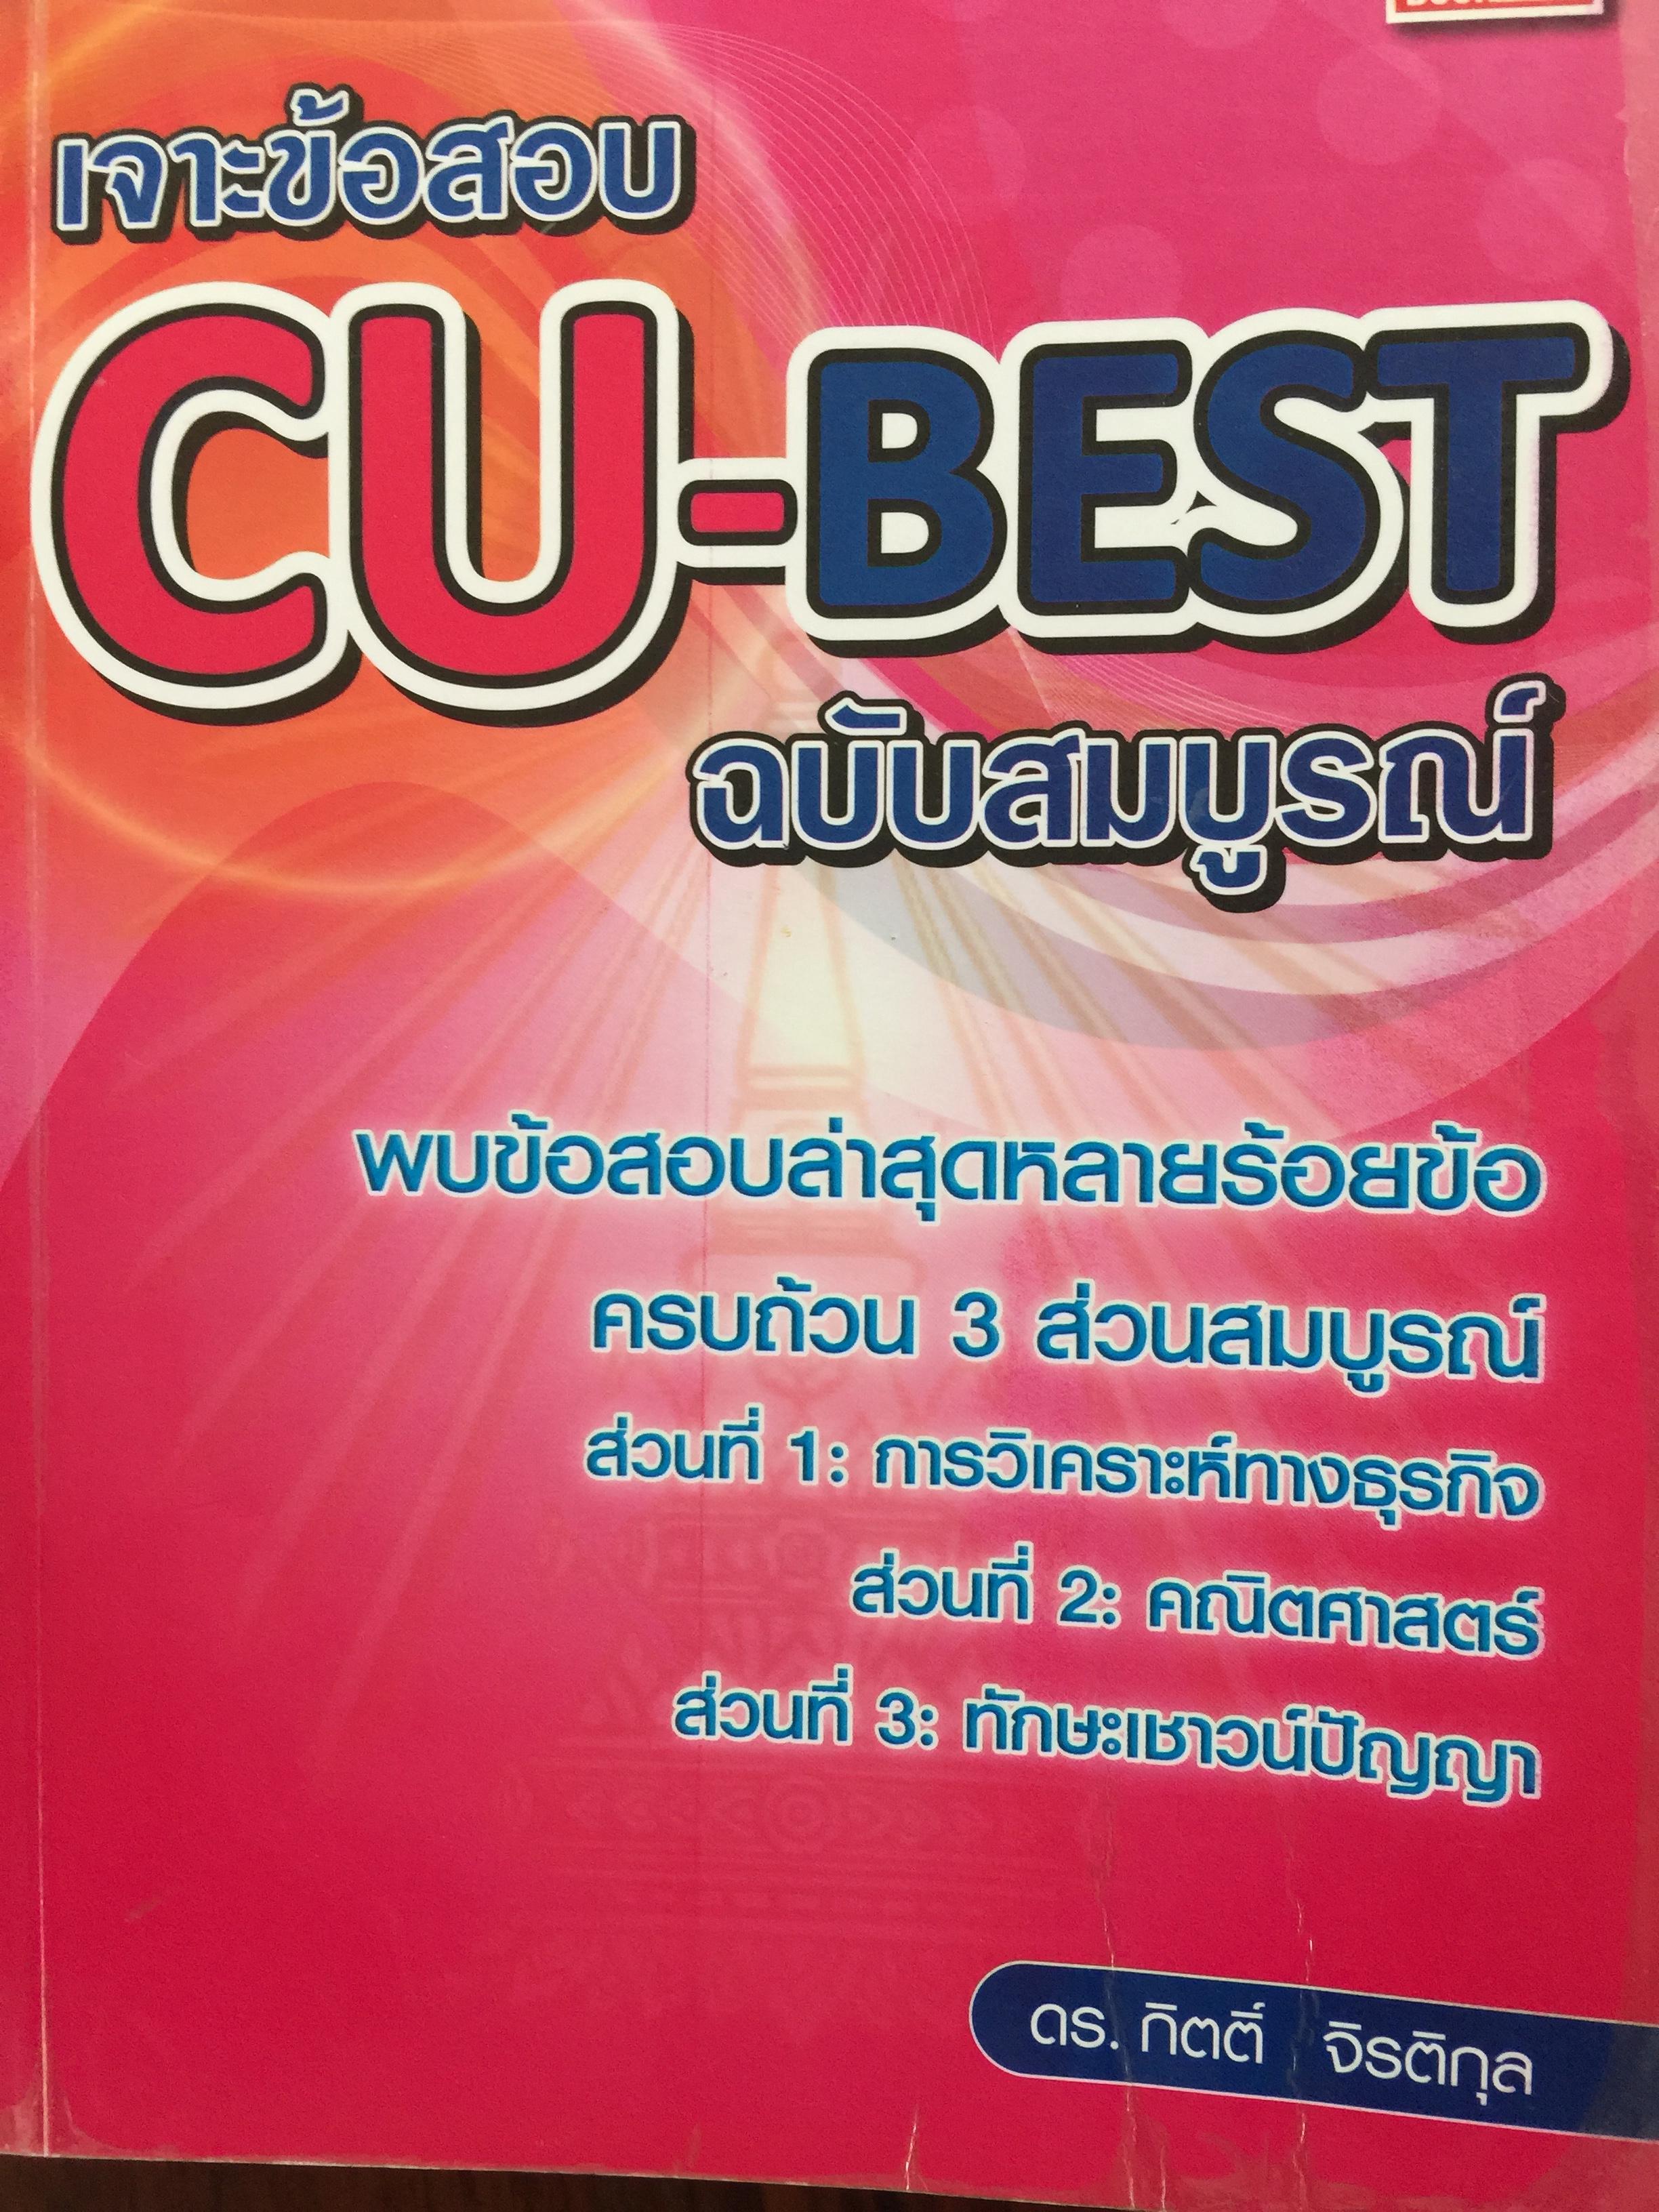 เจาะข้อสอบ CU-best ฉบับสมบูรณ์. ผู้เขียน ดร.กิตติ์ จิรติกุล